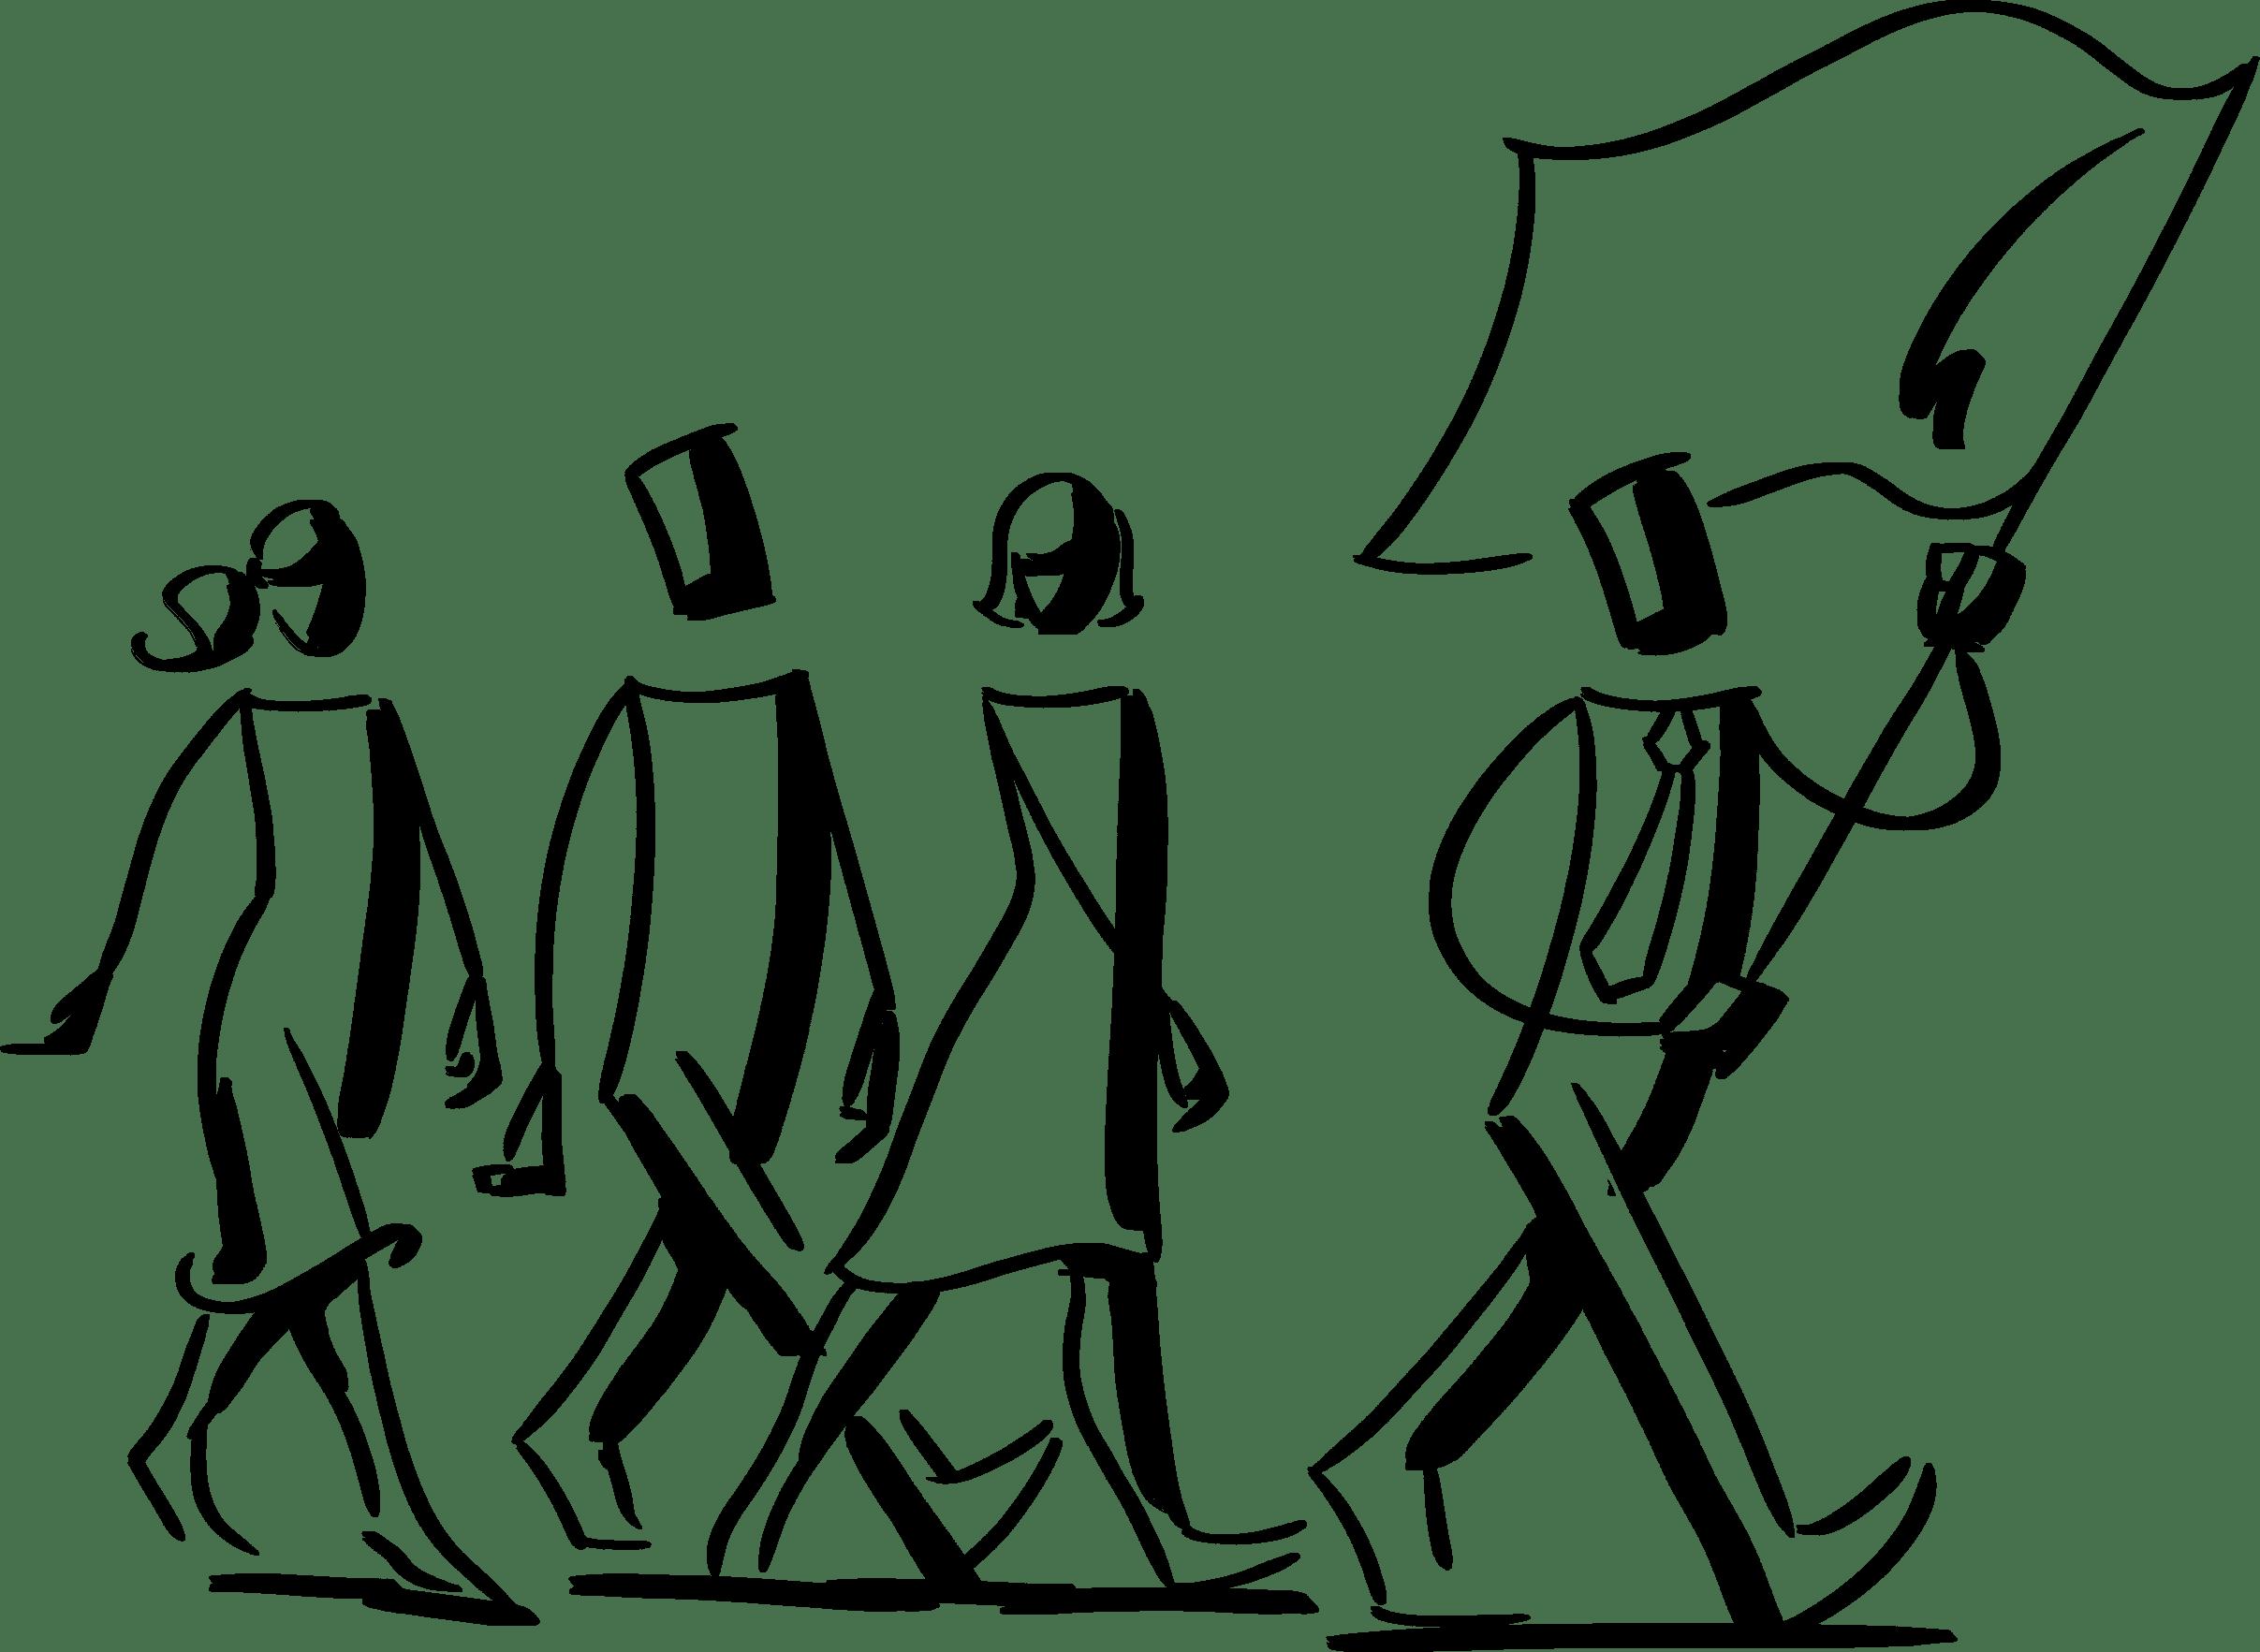 Führungskräfte einkaufen oder ausbilden?